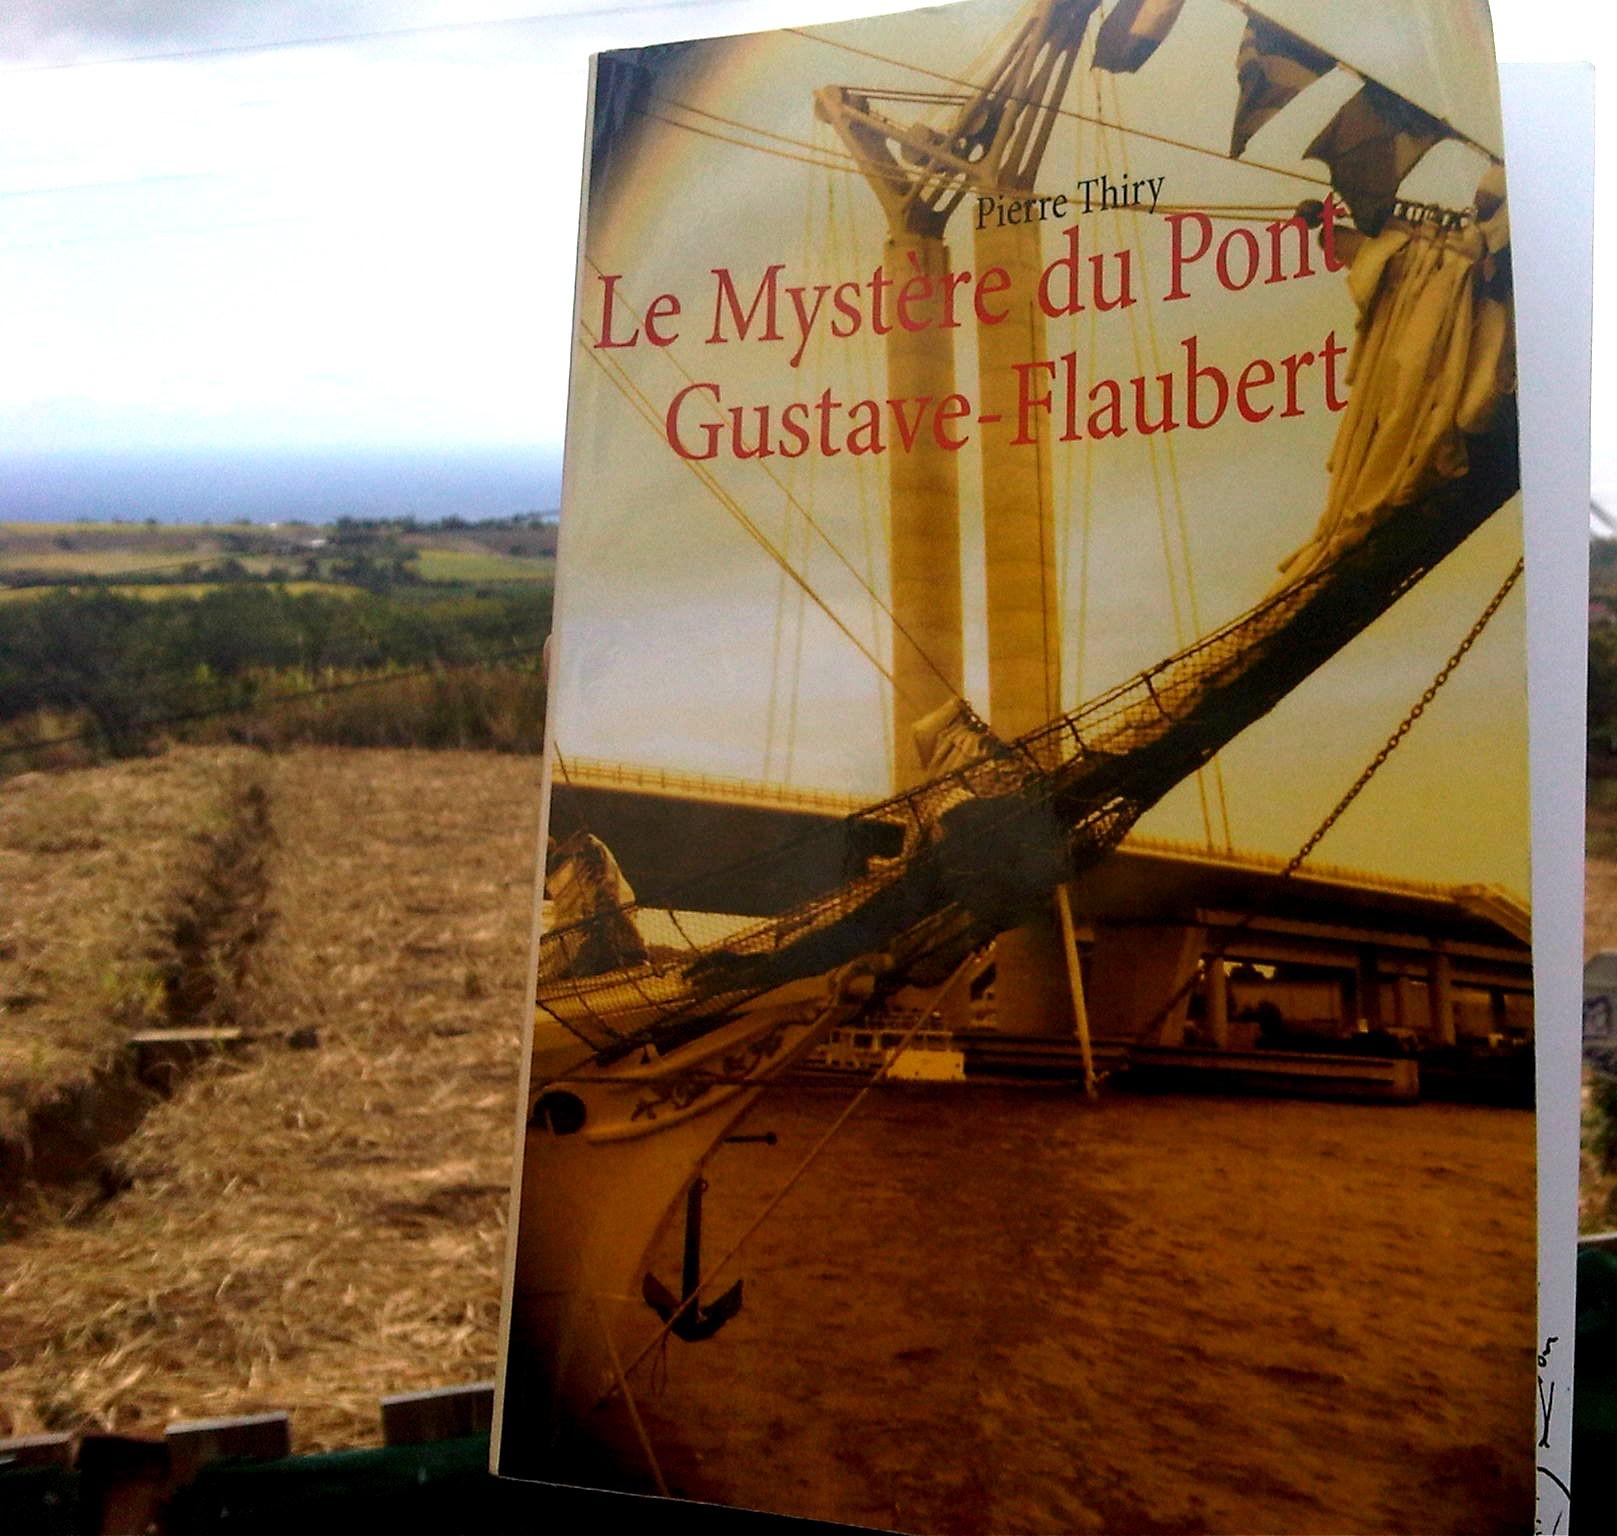 Chronique littéraire : Le Mystère du Pont Gustave-Flaubert de Pierre Thiry